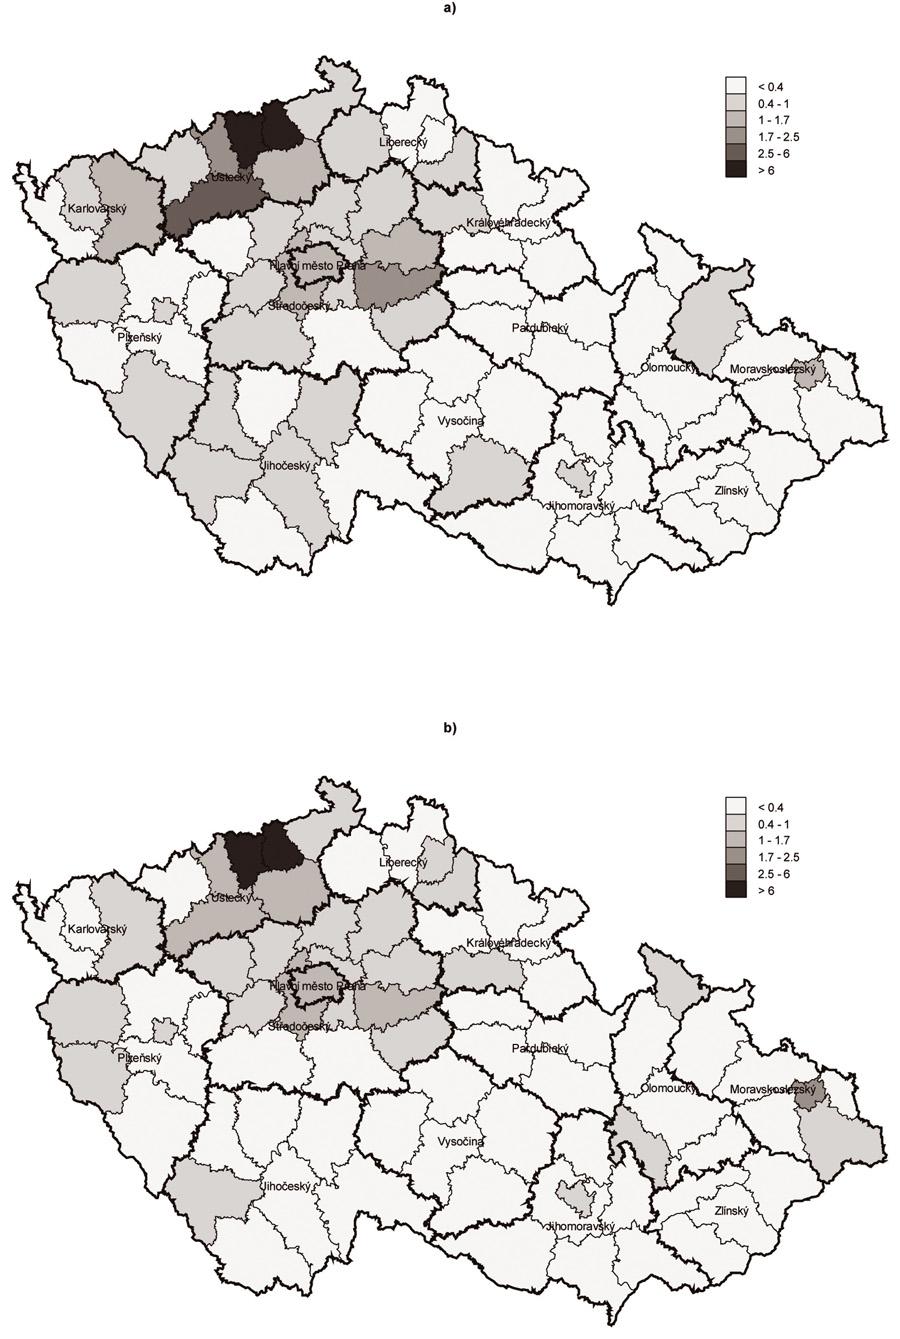 Odhad počtu problémových uživatelů opiátů/opioidů v ČR v letech 2006 (a) a 2007 (b) podle okresů Fig. 2 PUO estimates in the Czech Republic in 2006 (a) and 2007 (b) by district